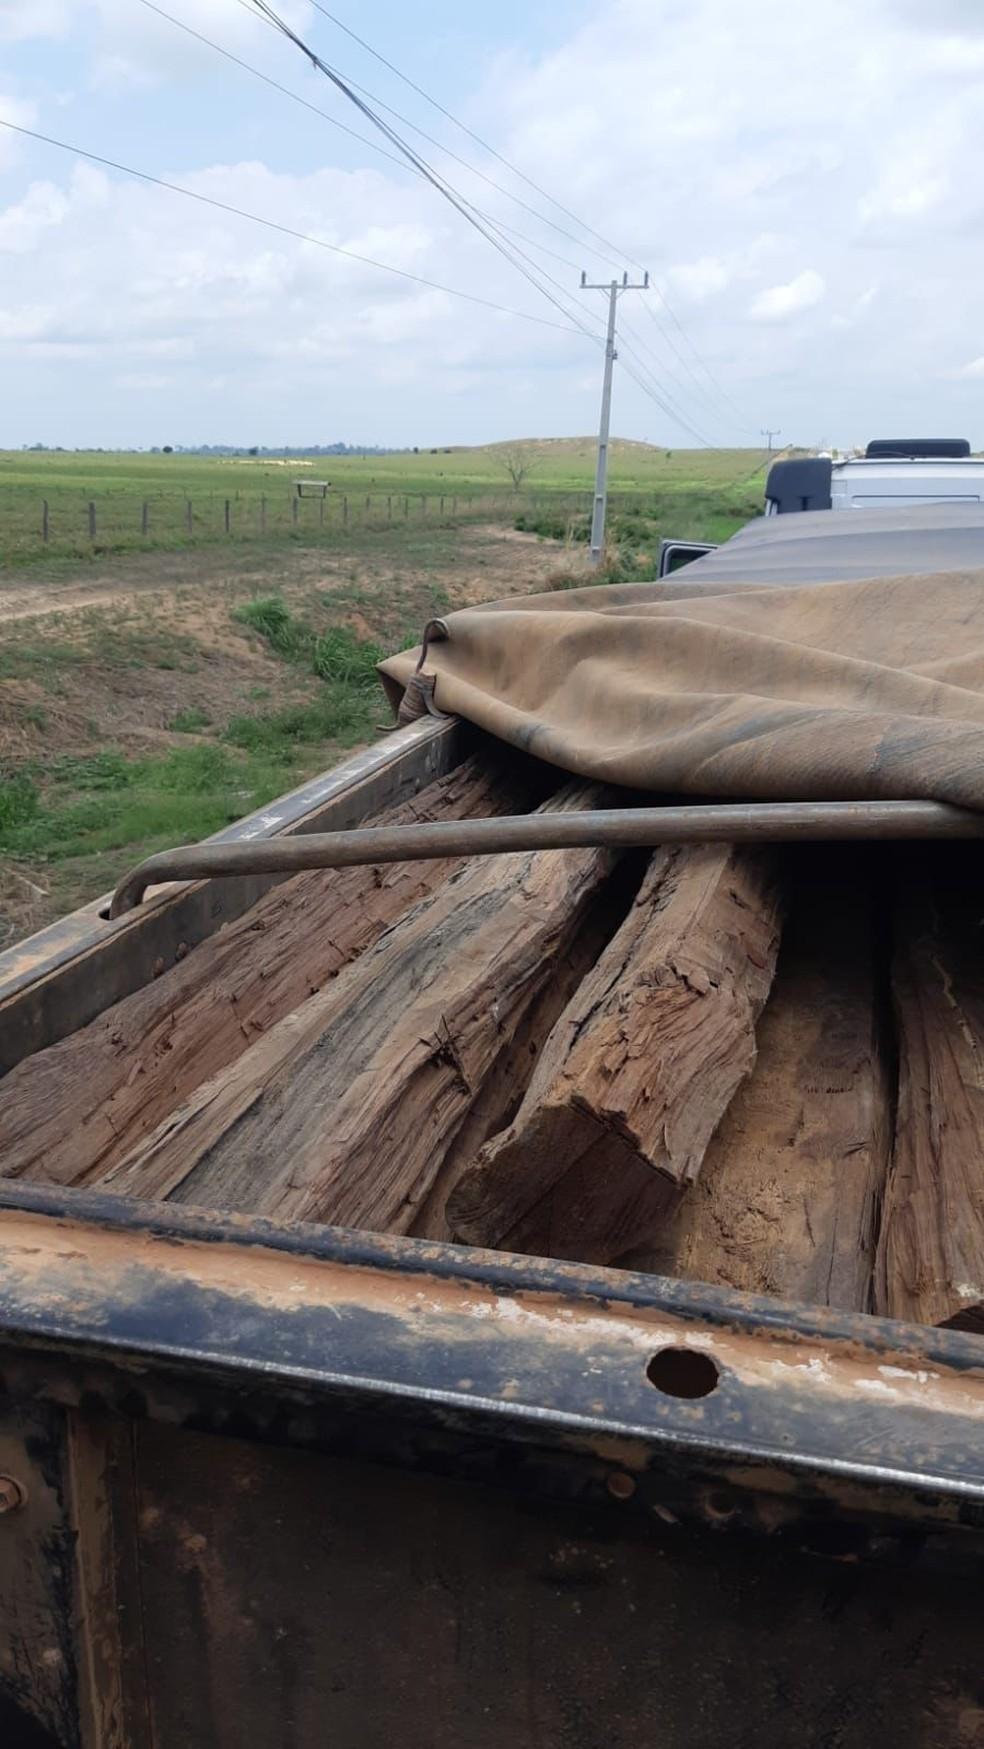 Apreensão de madeira sendo transportada ilegalmente ocorreu na BR-155, que interliga os municípios paraenses de Redenção e Marabá. — Foto: Polícia Rodoviária Federal